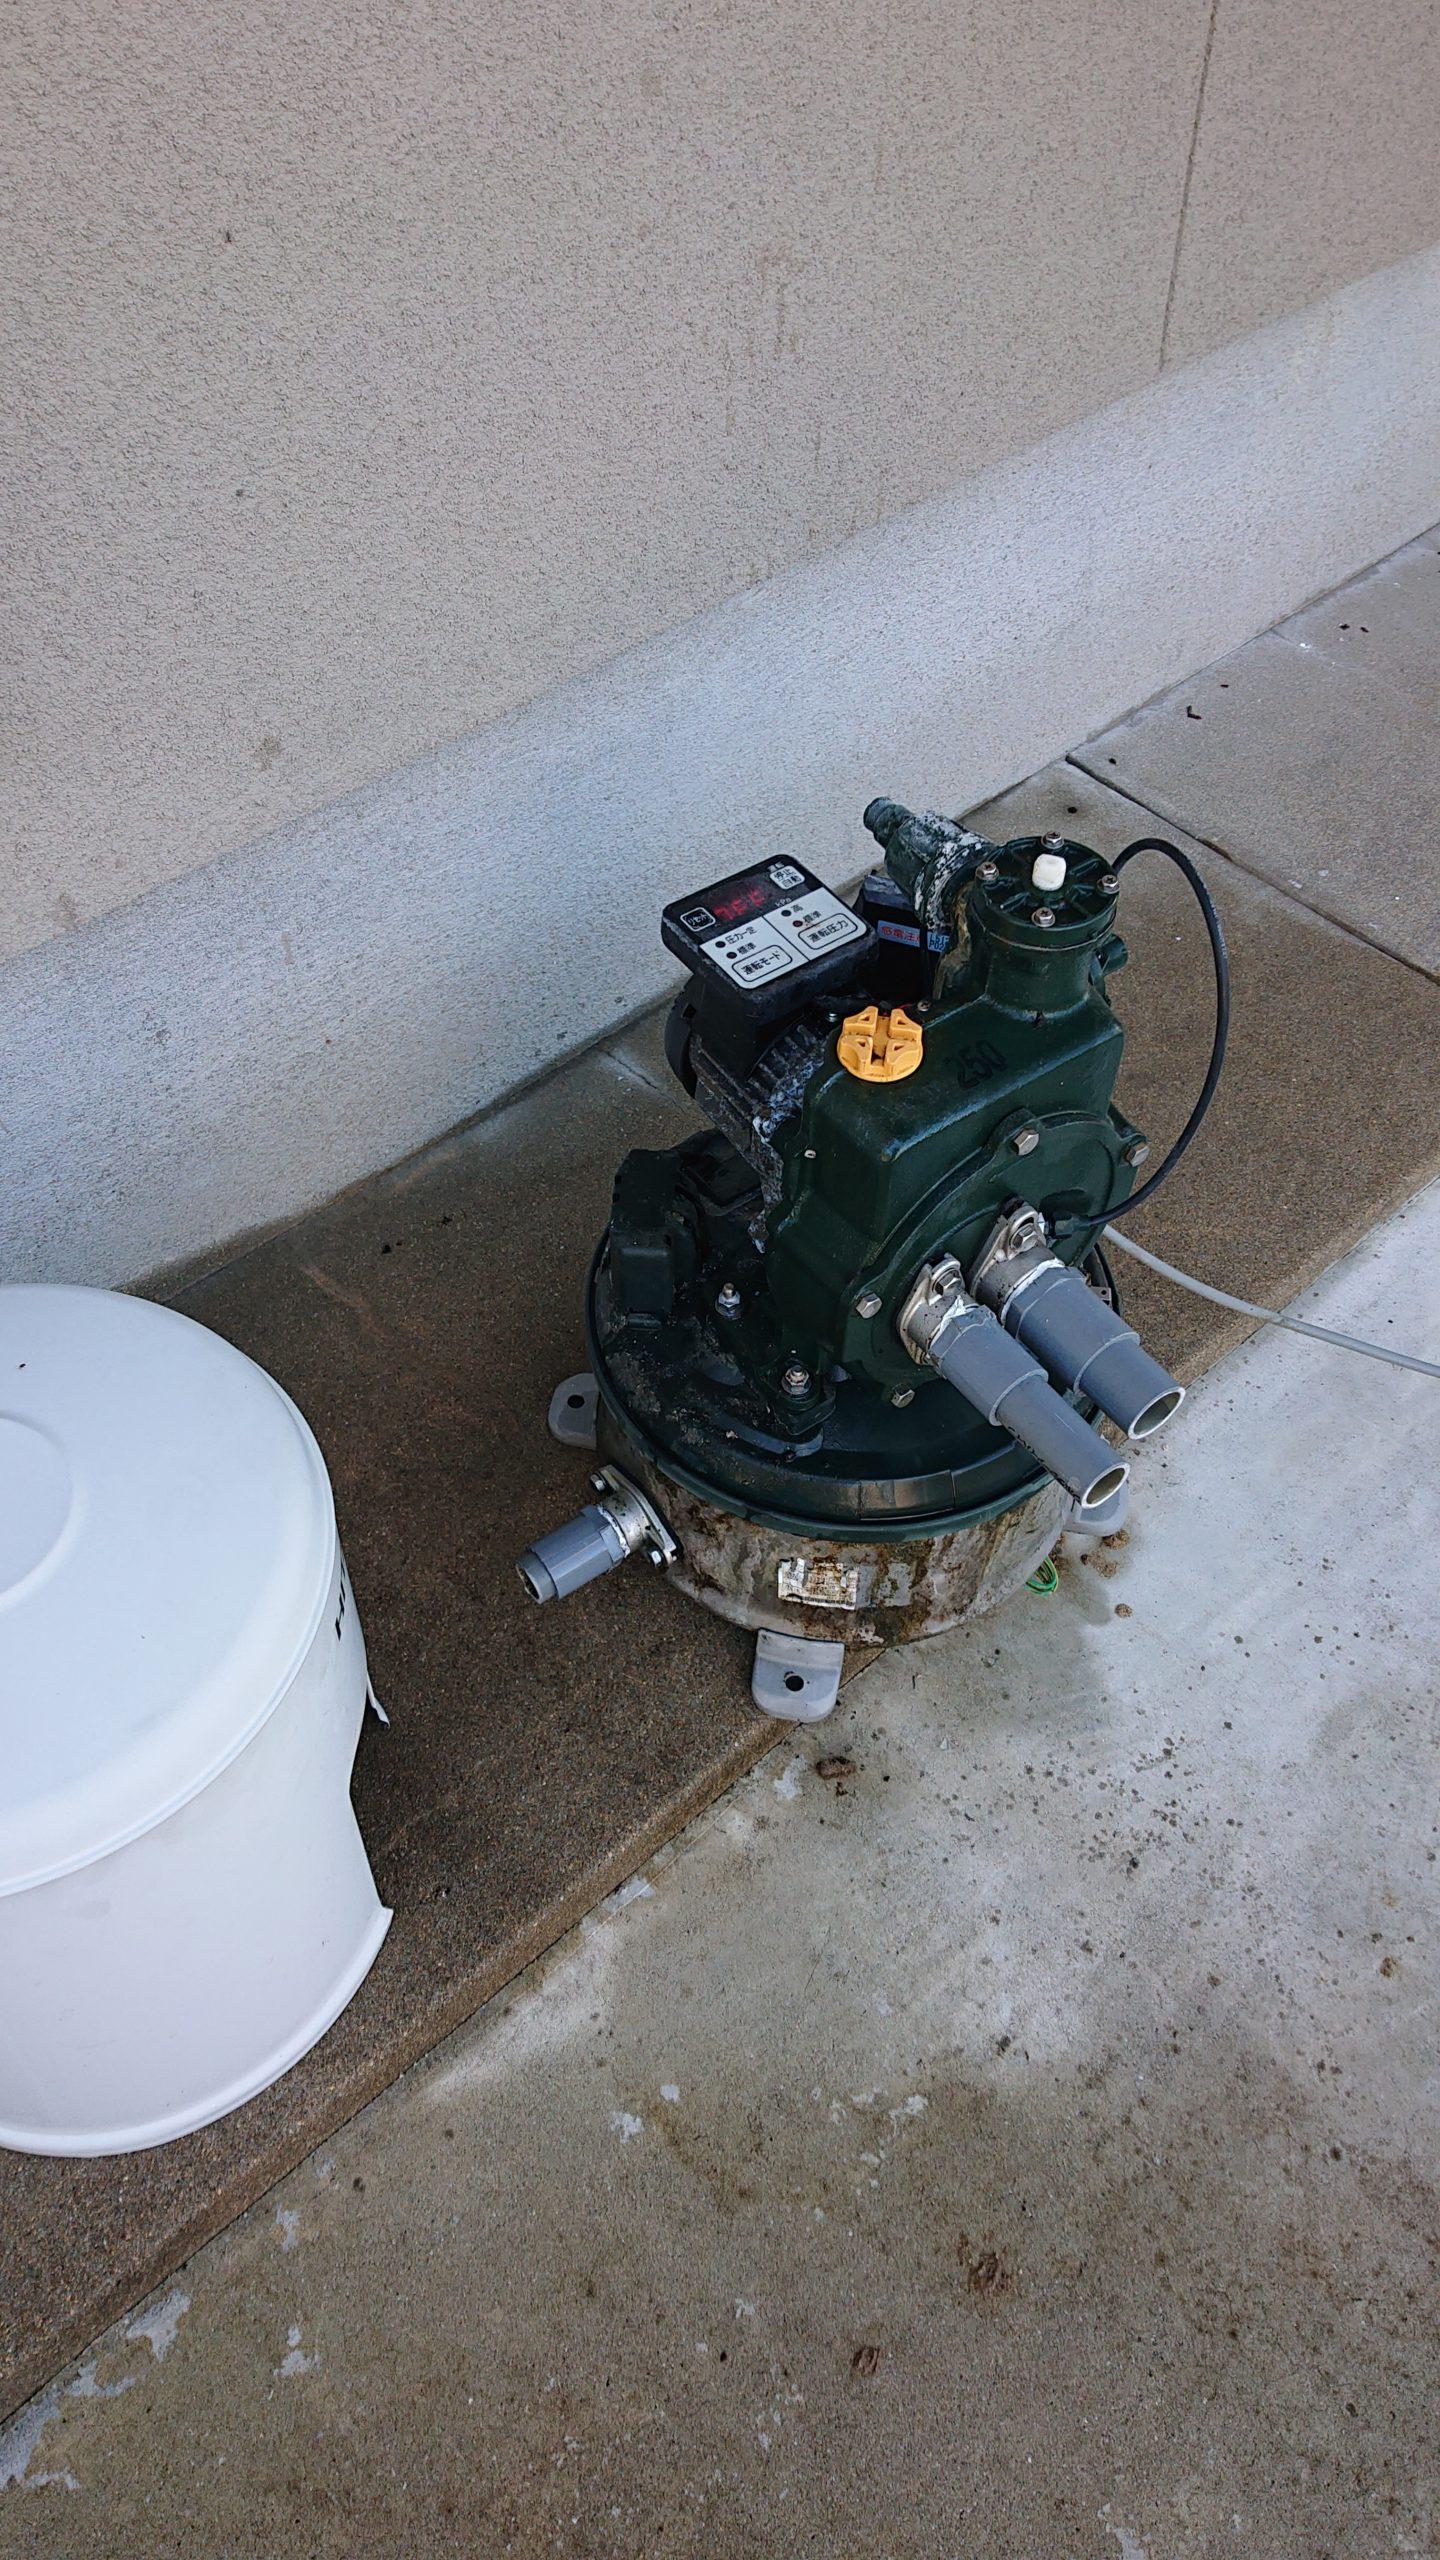 分解された井戸ポンプ